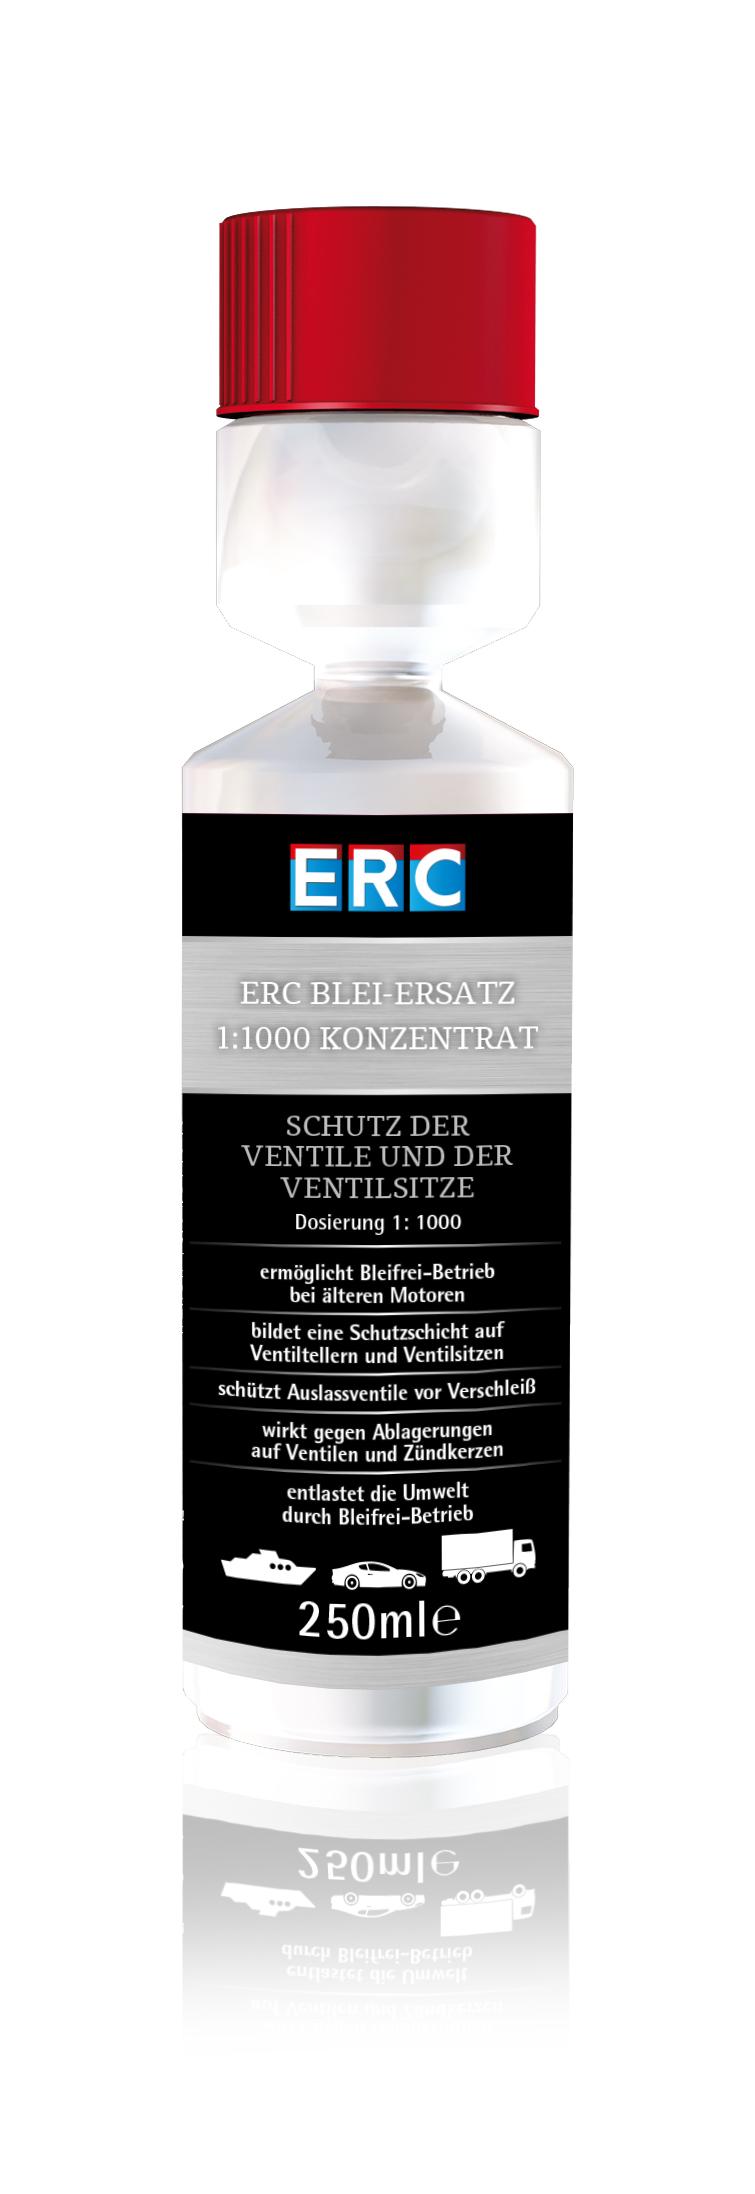 Blei-Ersatz-Benzin-RD_RGB.jpg